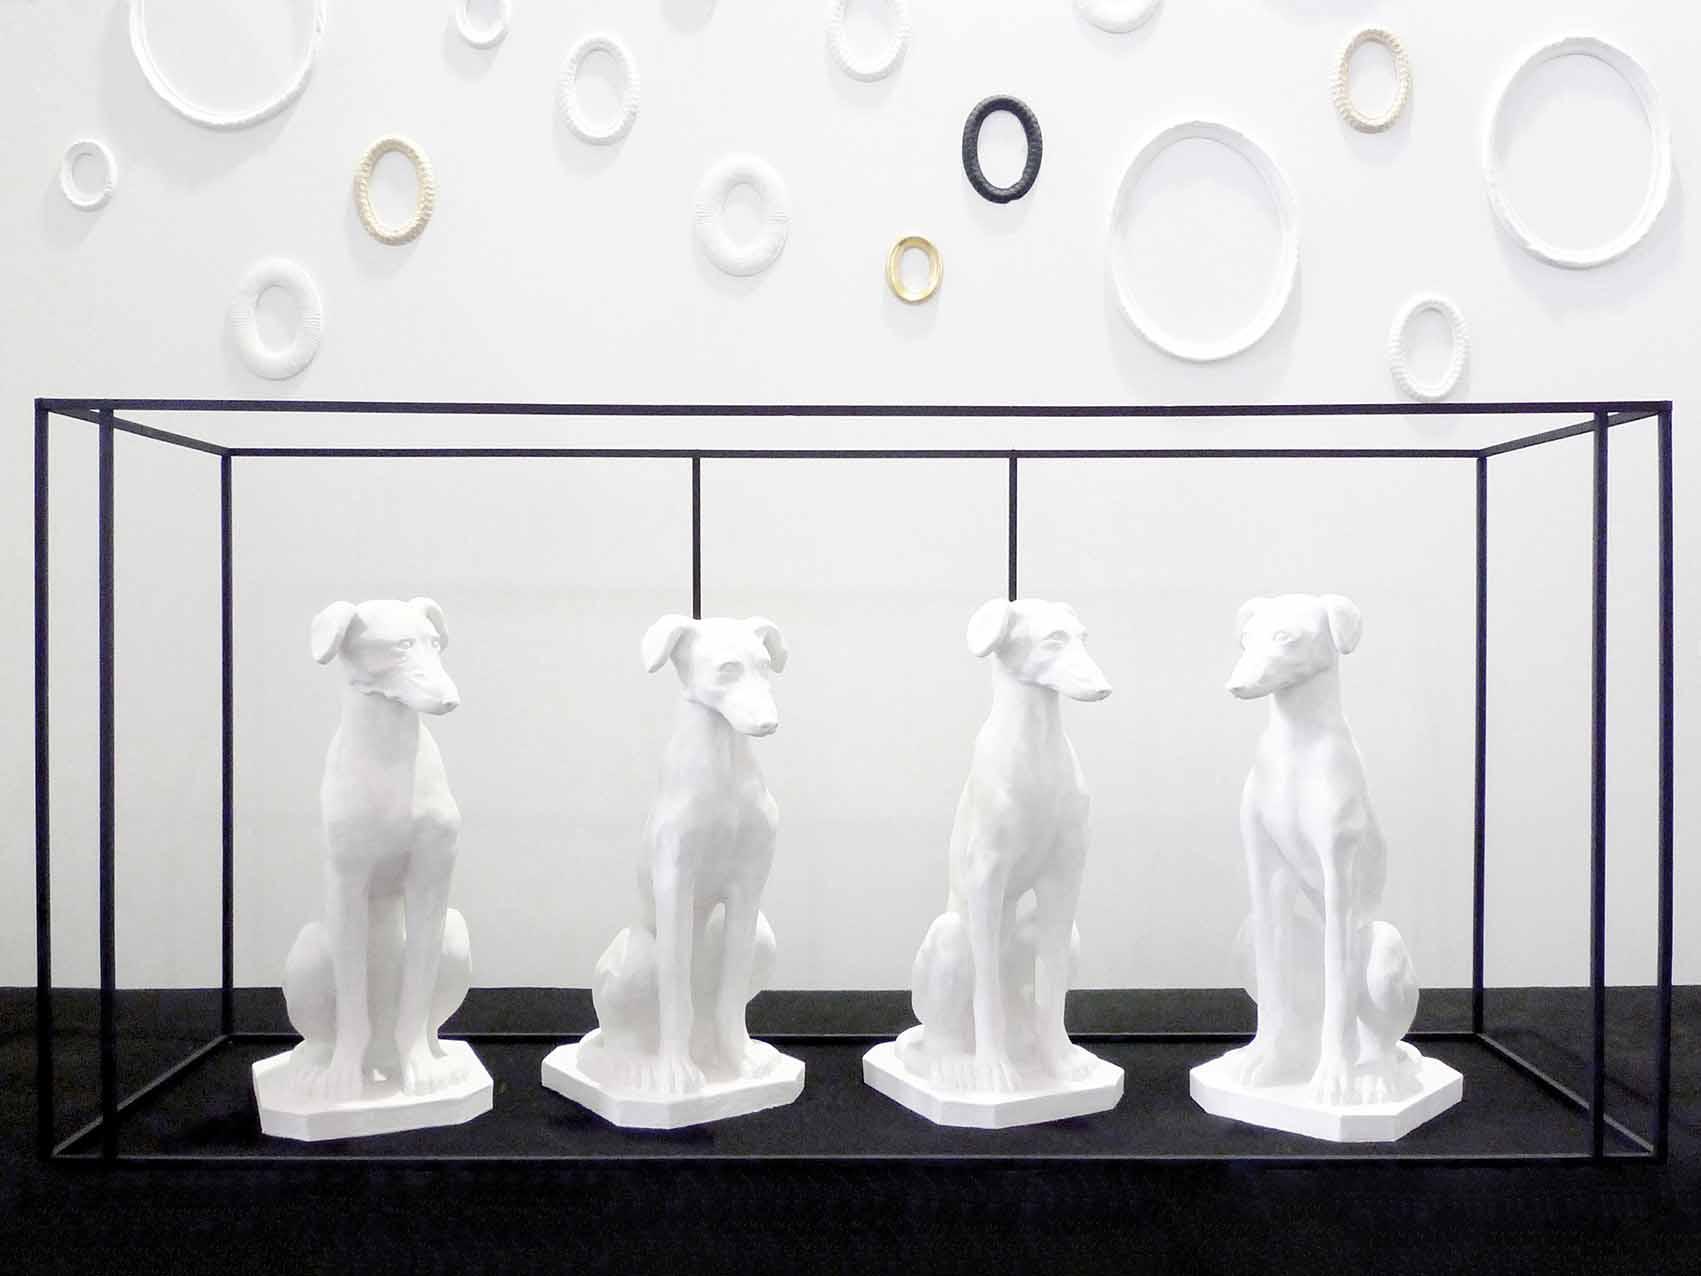 Sara Biassu: la representación de lo intangible Artes & contextos Sara Biassu